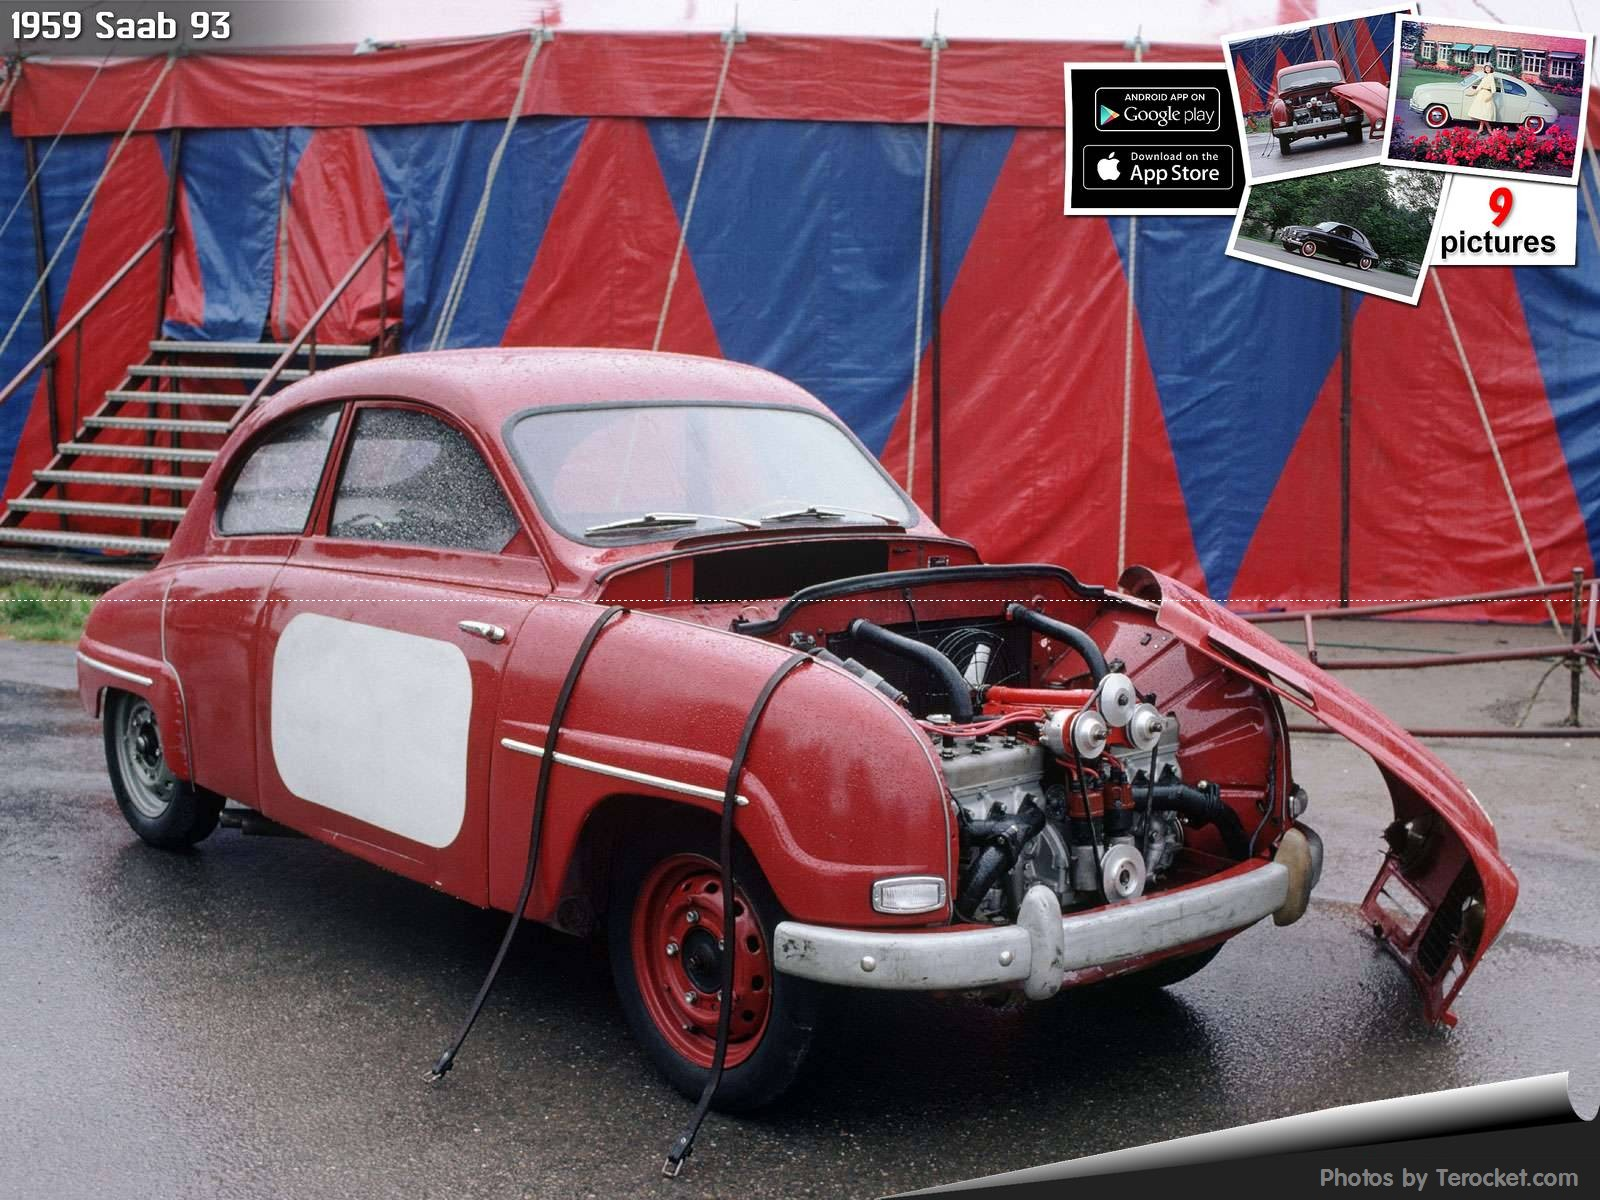 Hình ảnh xe ô tô Saab 93 1959 & nội ngoại thất